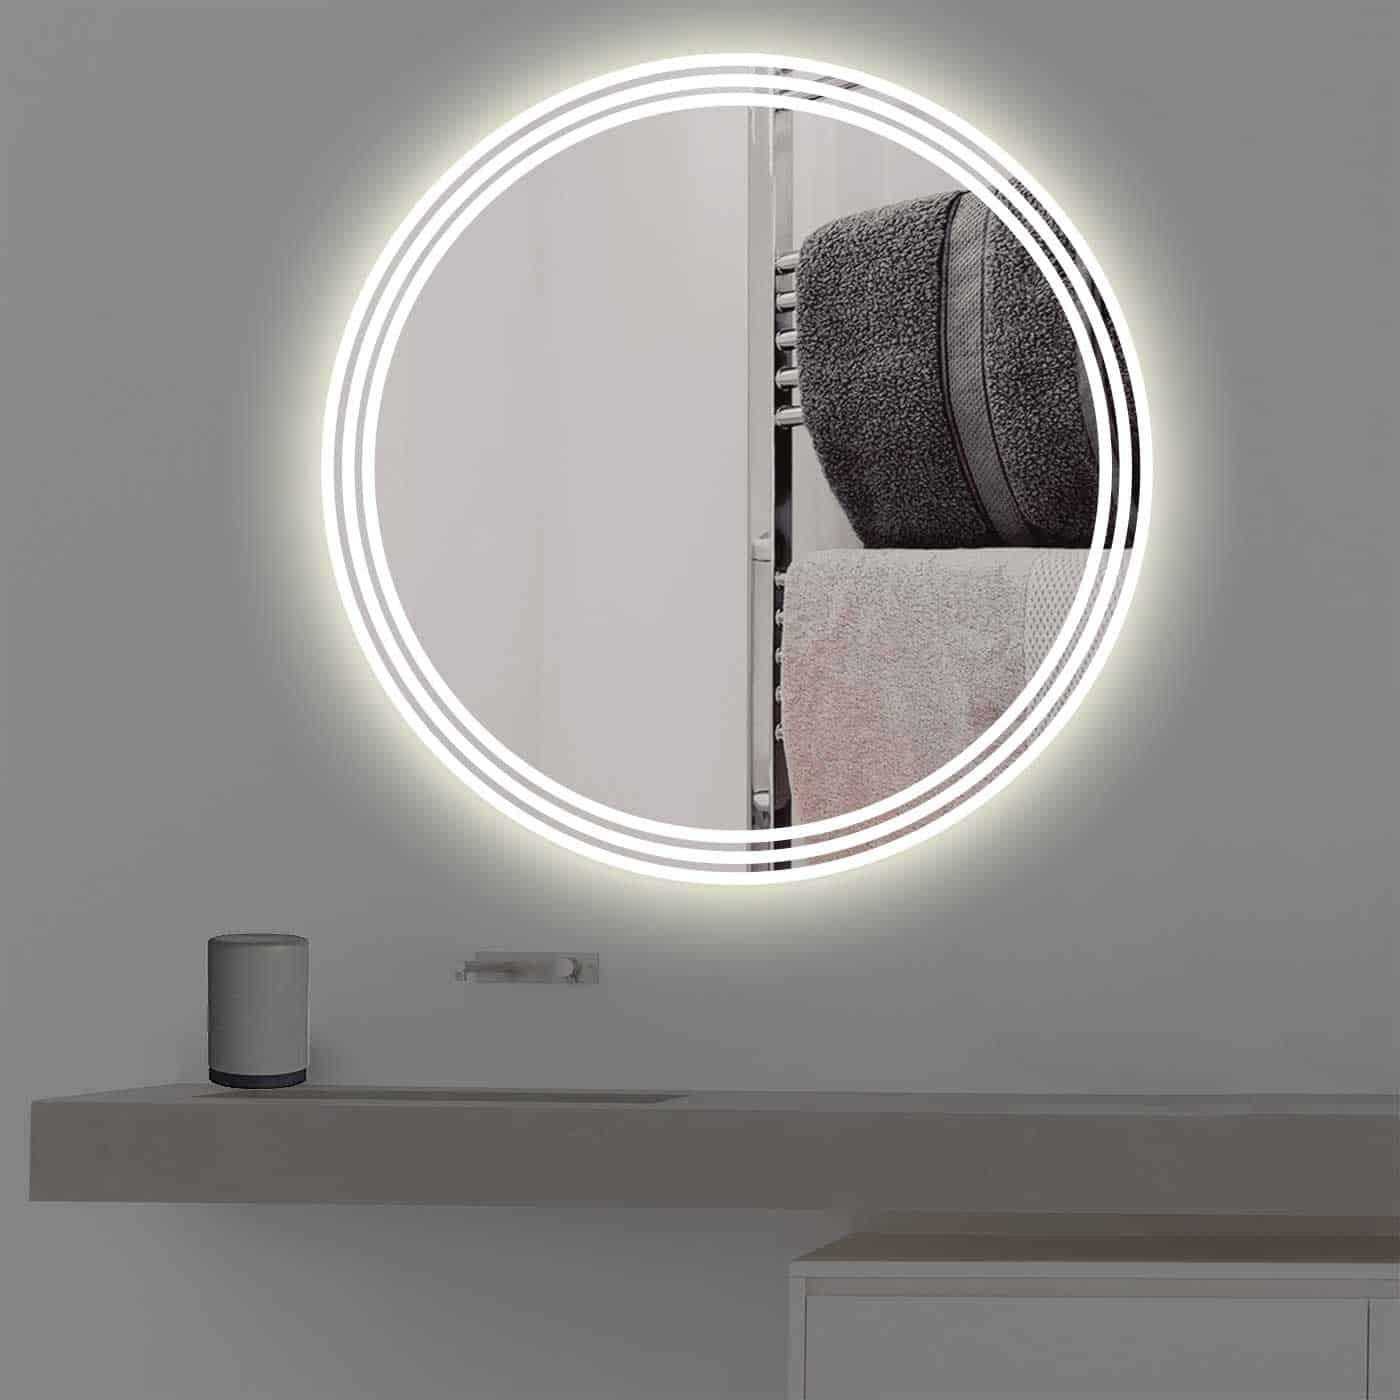 Badspiegel mit beleuchtung auf 3 streifen rund r 400 for Beleuchtung led